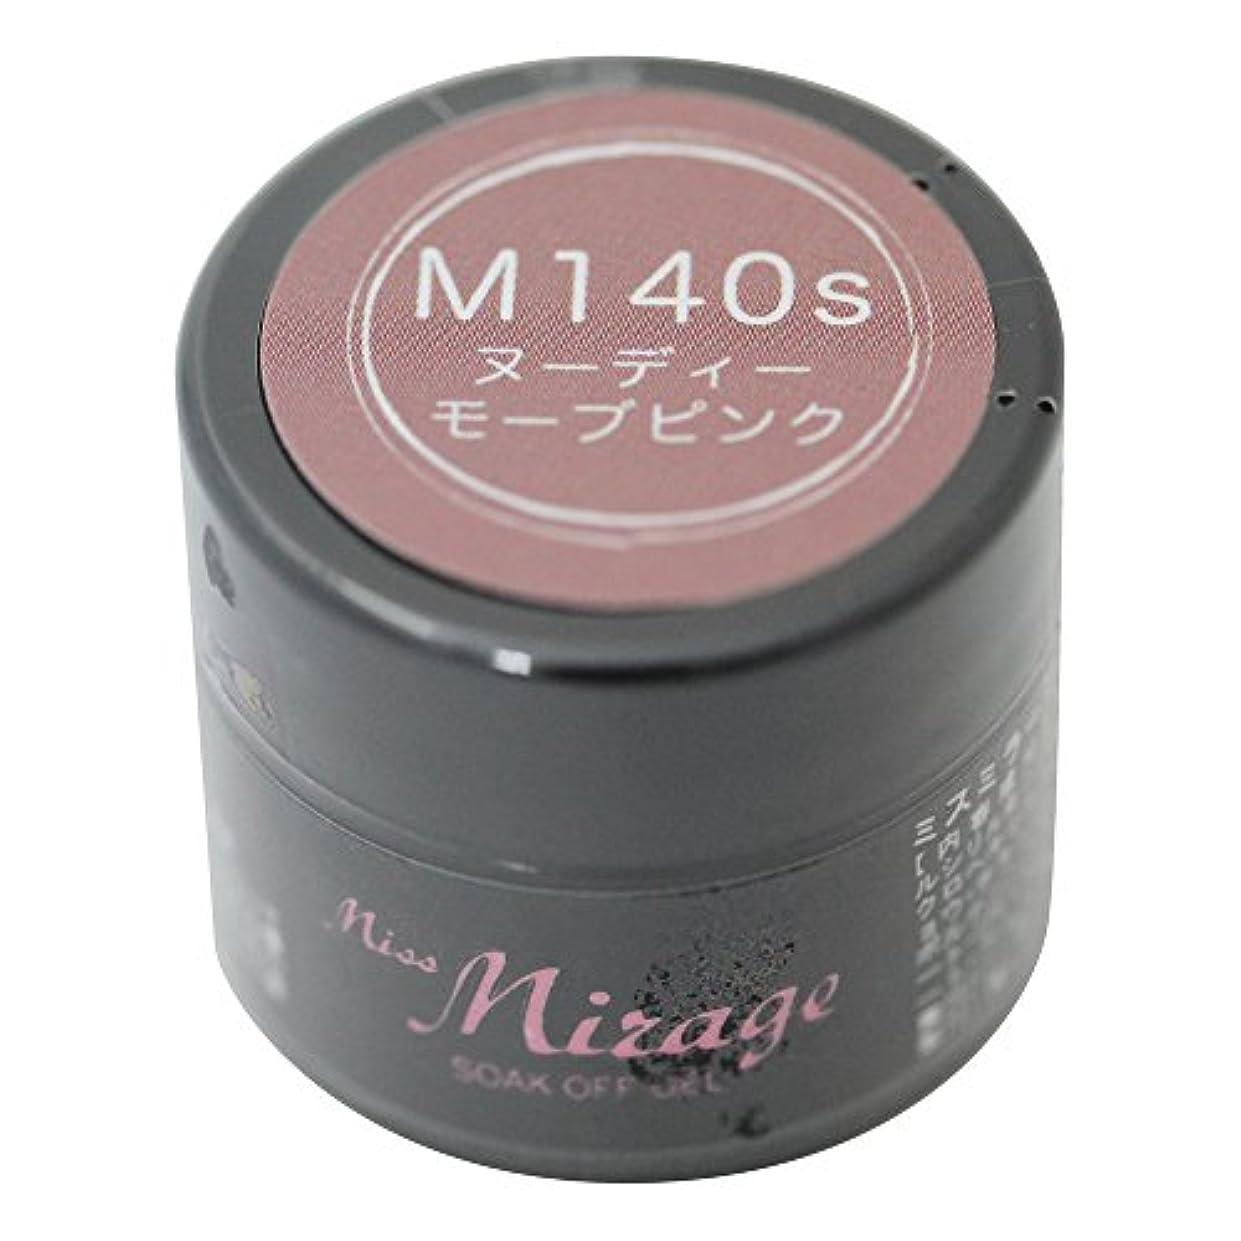 エコー受付等しいMiss Mirage M140S ヌーディーモーブピンク 2.5g UV/LED対応タイオウ